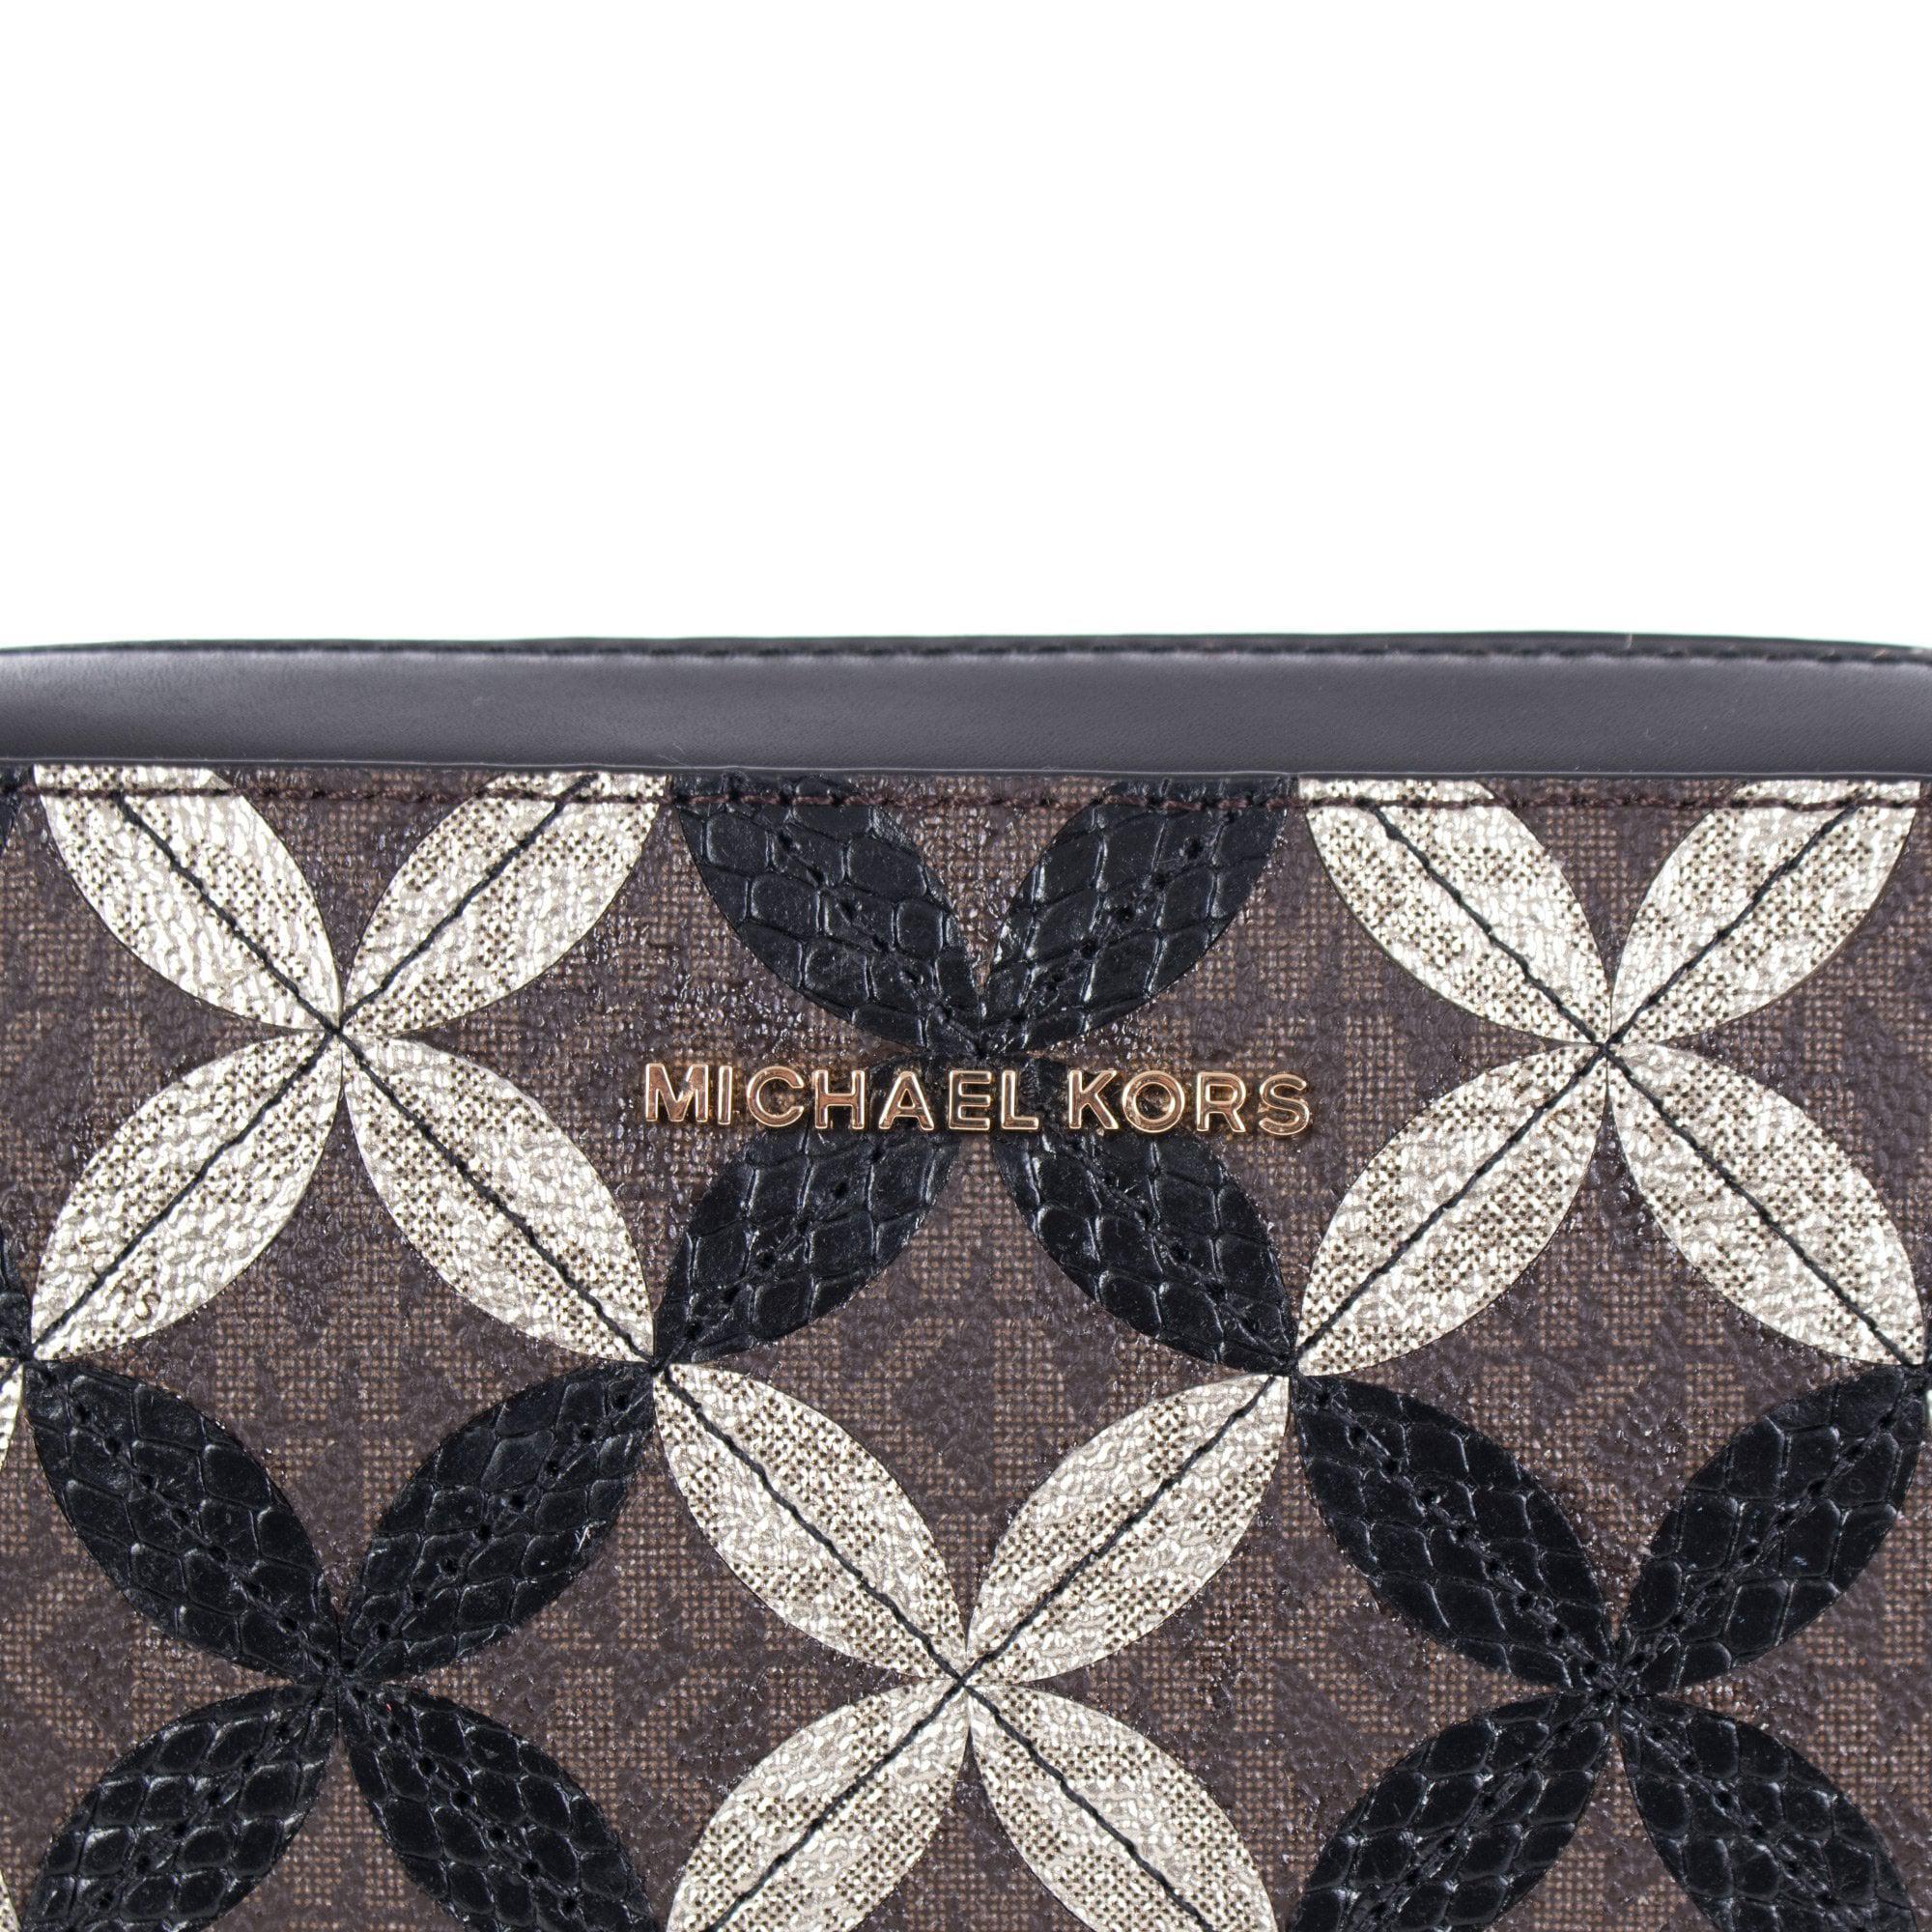 2b09447feb5e Michael Kors Mk Signature Camera Bag in Brown - Lyst